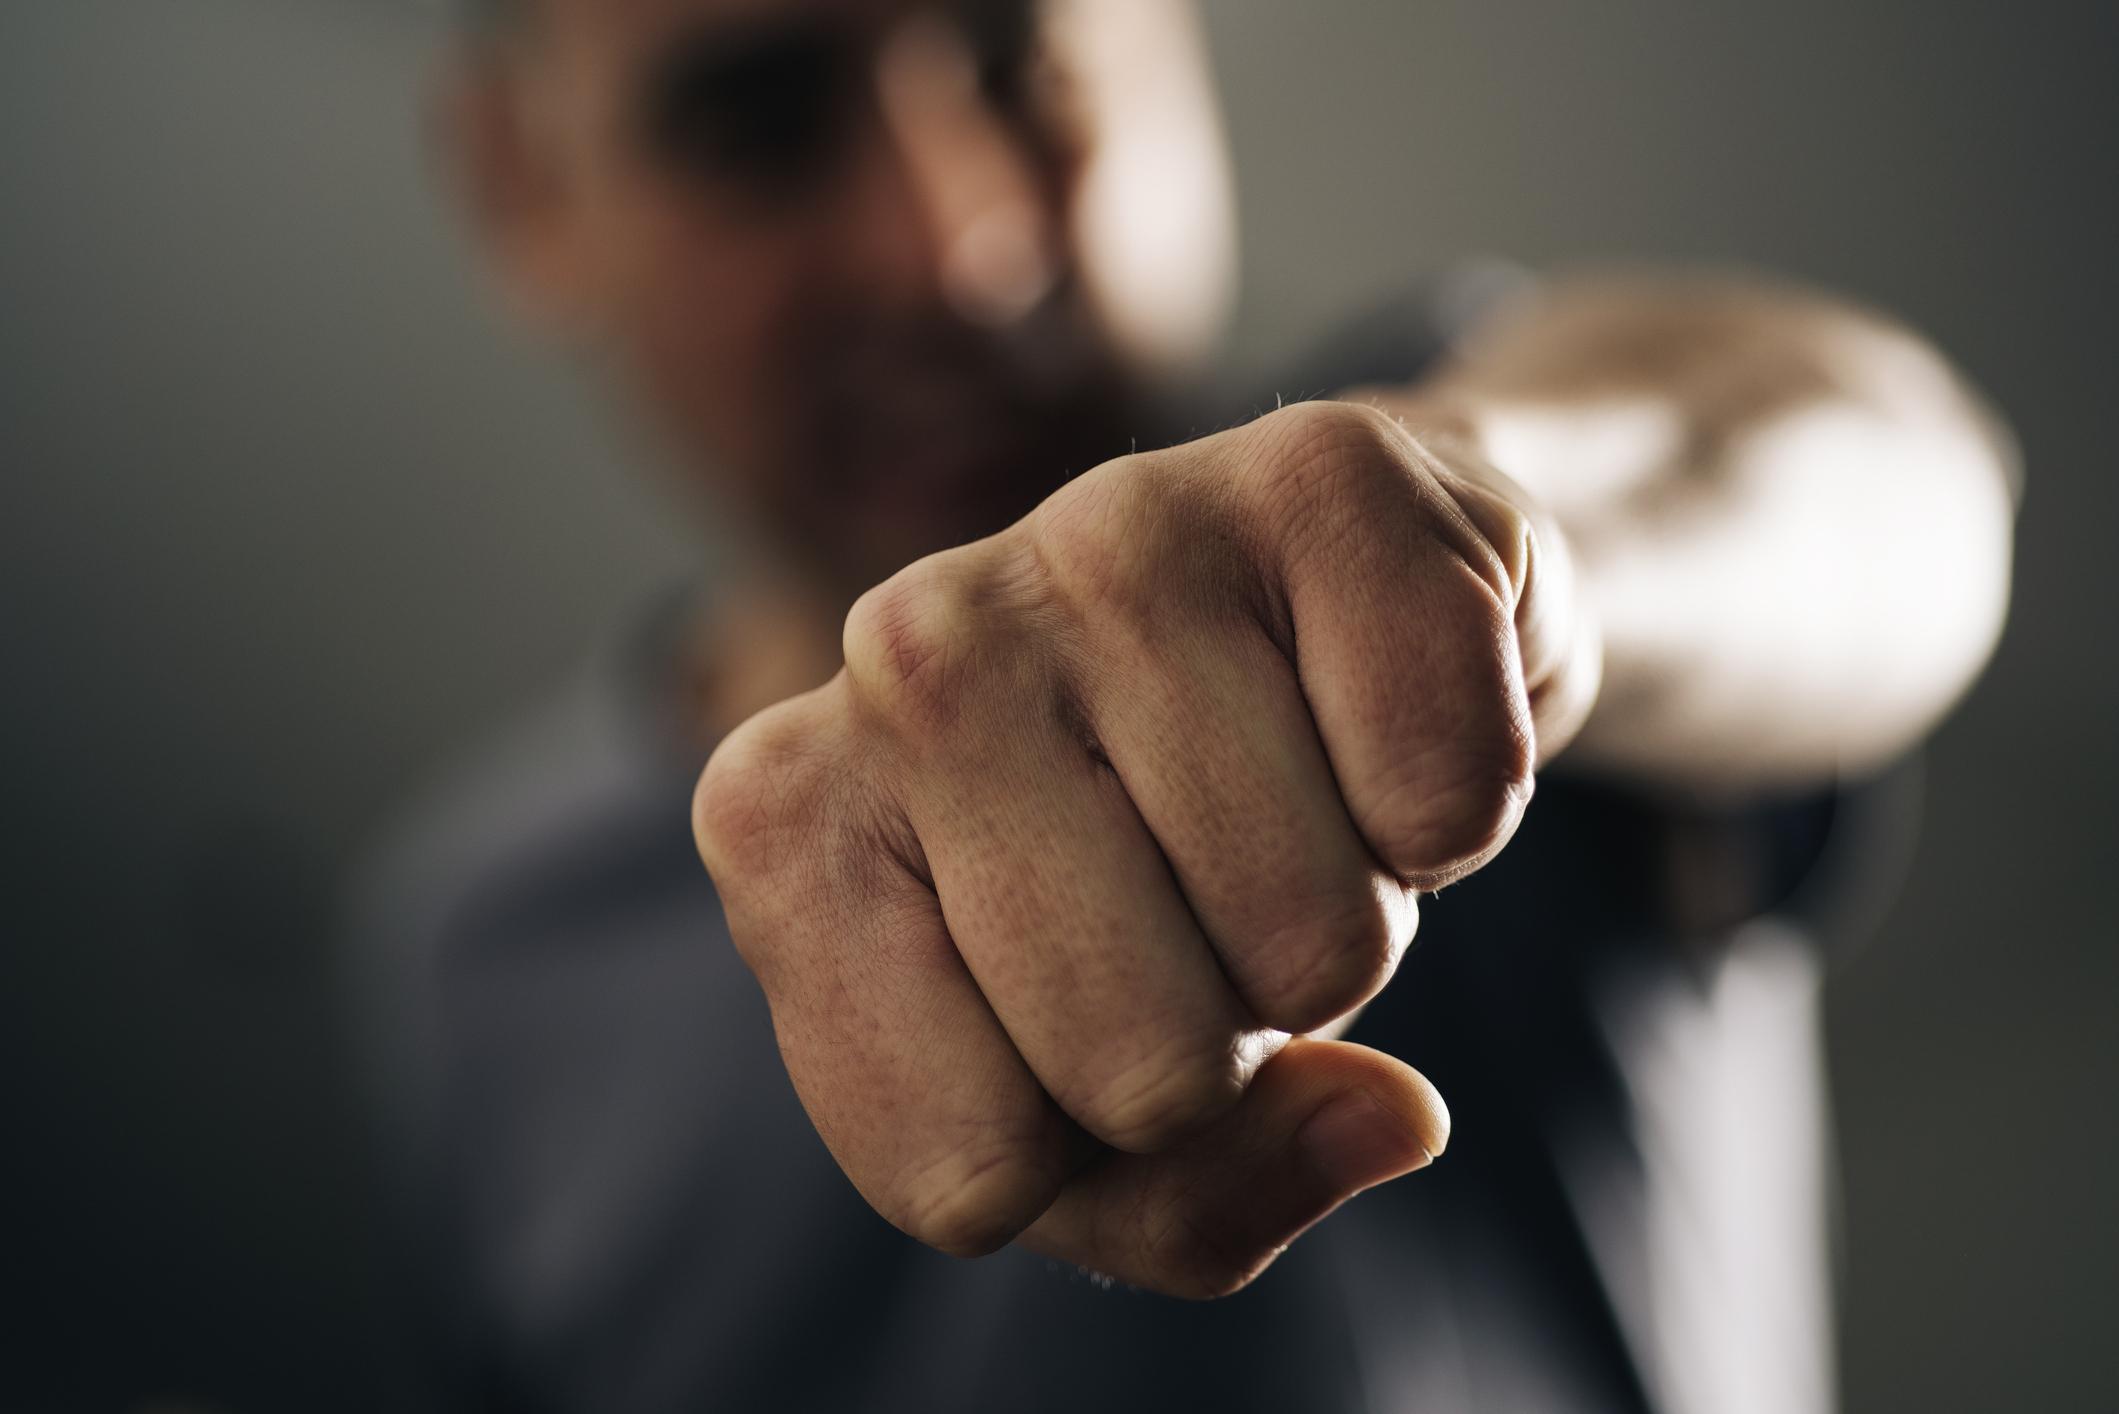 Syndróm nepriateľskej ruky: Mali by sme sa báť?